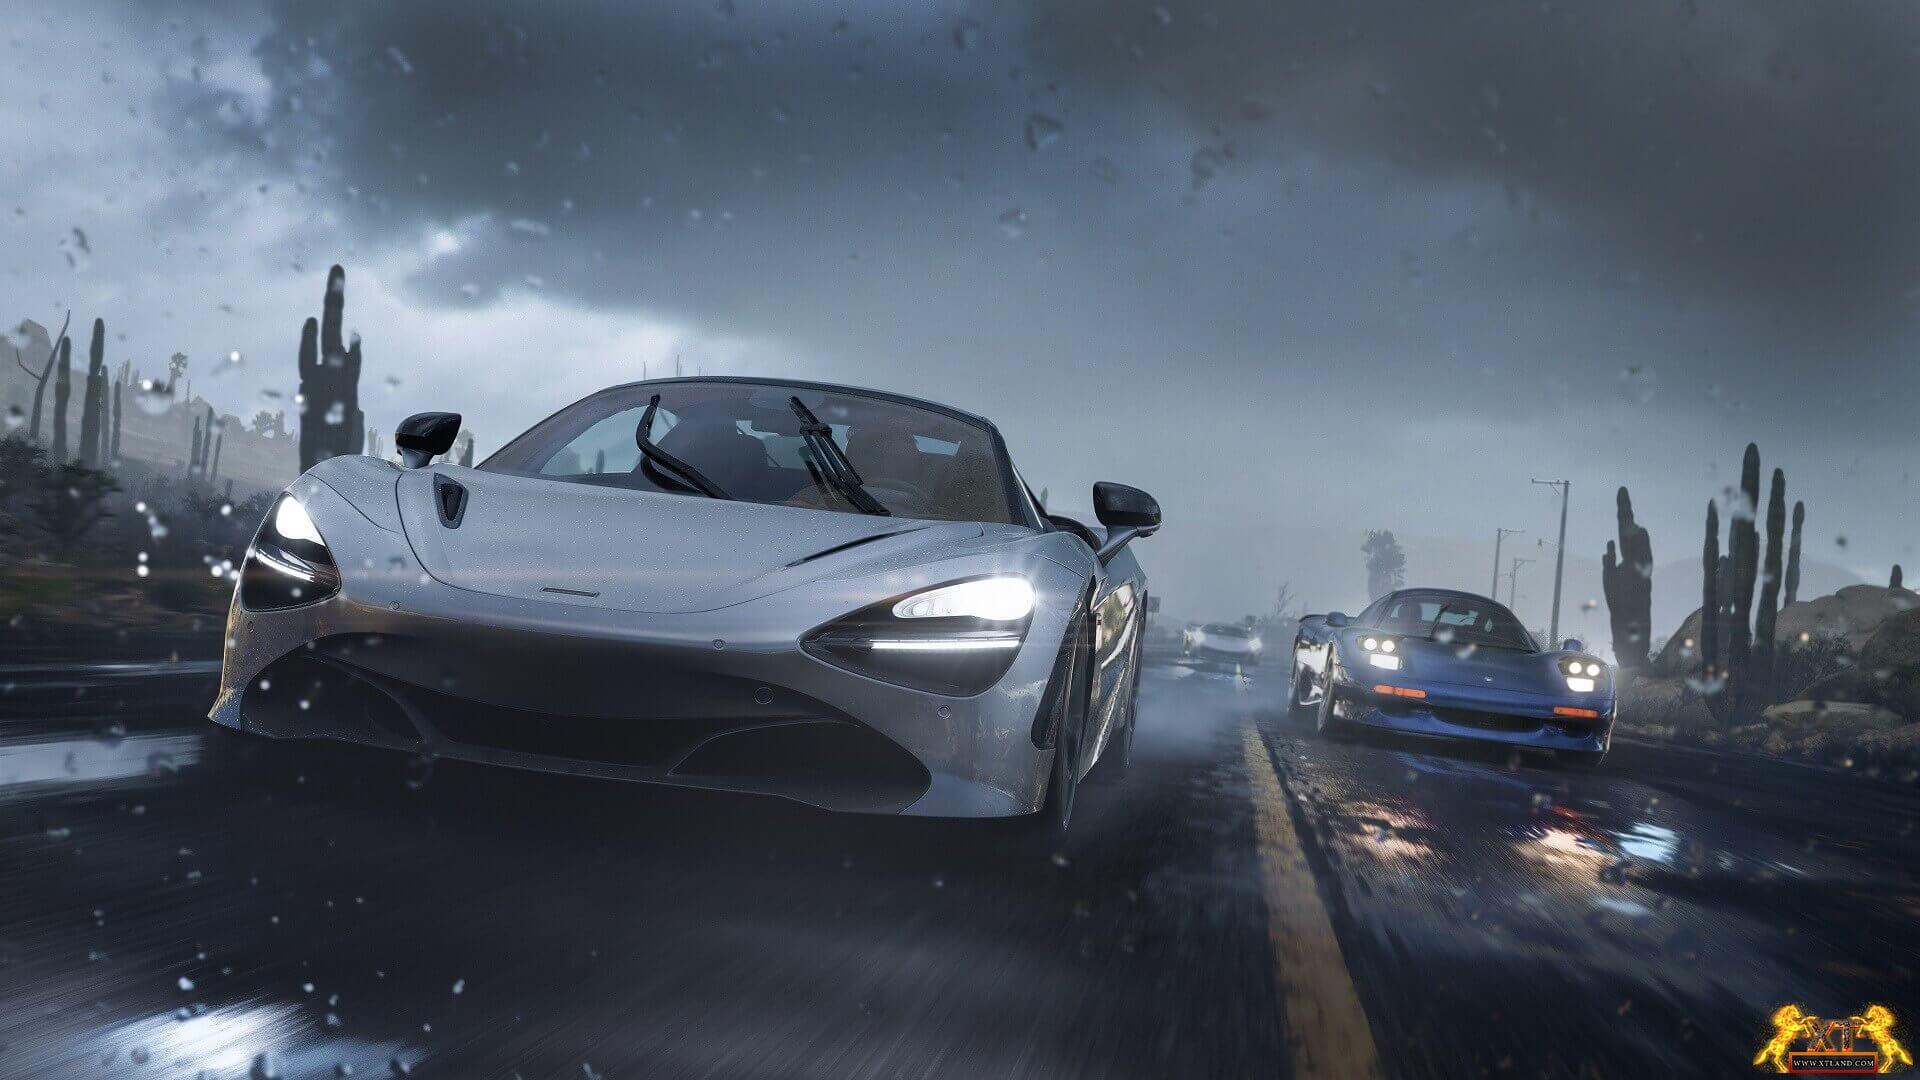 تصاویری از بازی Forza Horizon 5 منتشر شد!